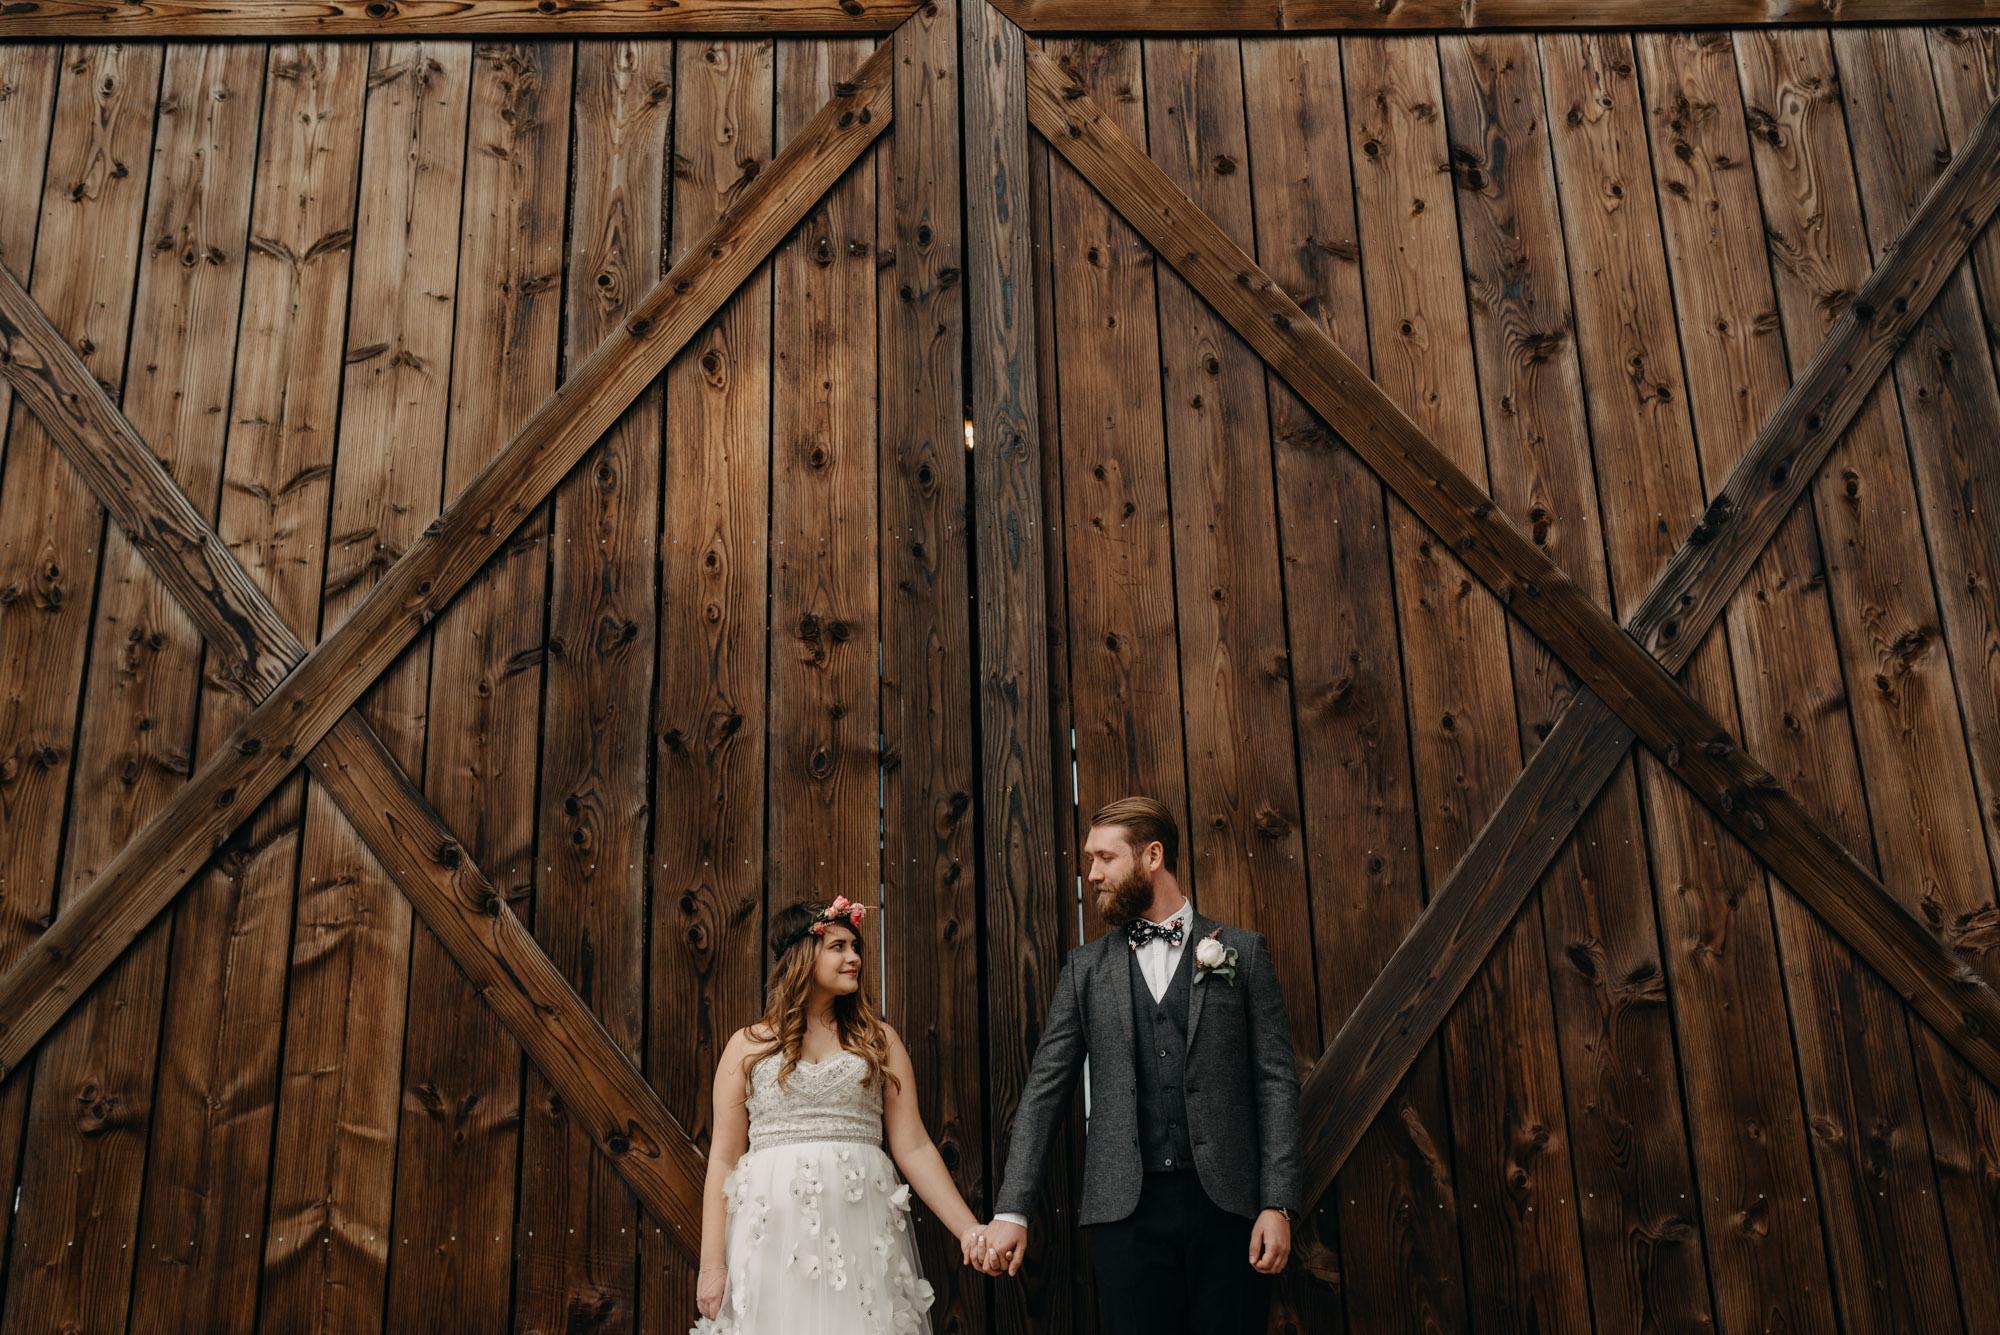 Outdoor-First-Look-Washington-Wedding-Barn-Door-8164.jpg